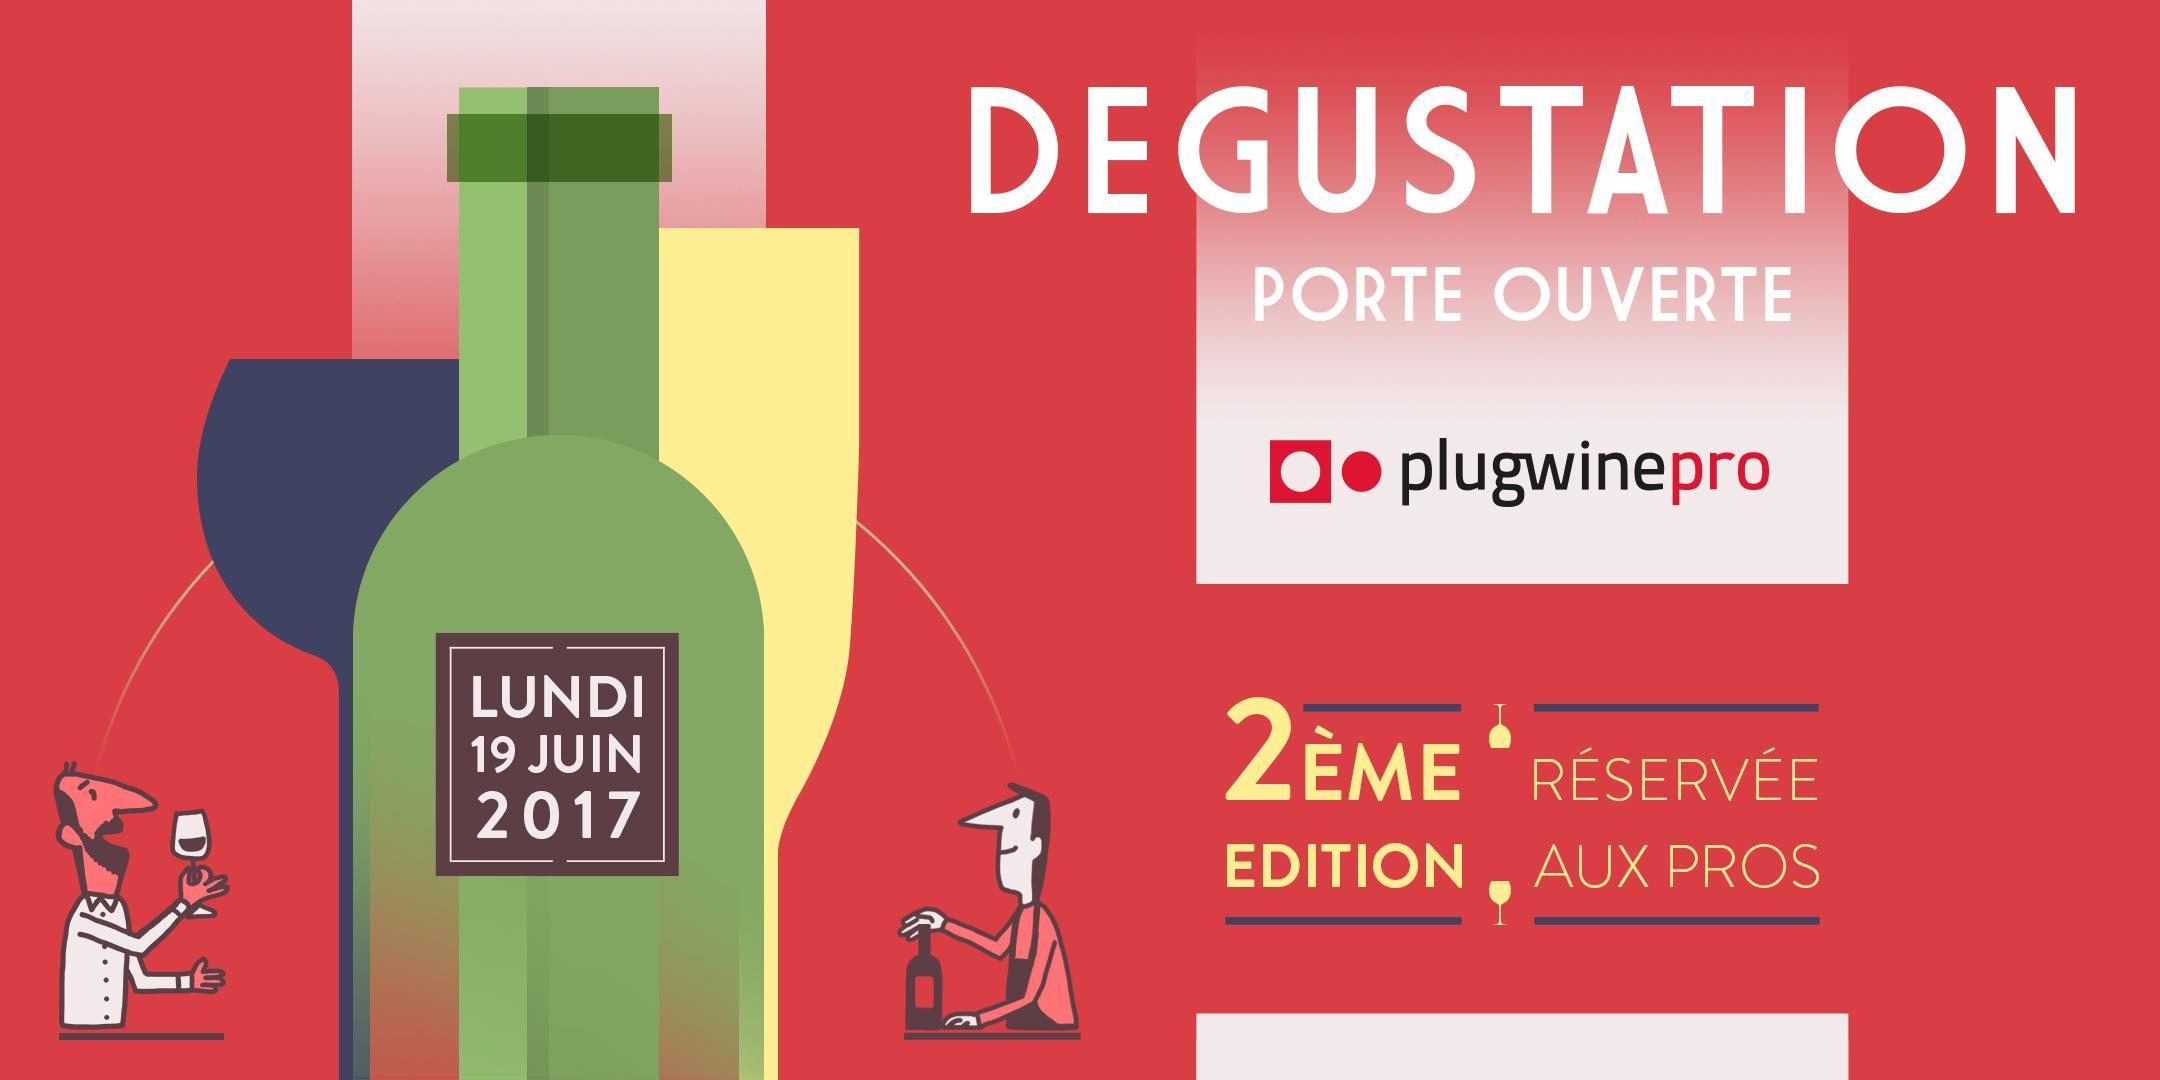 Dégustation PlugwinePro / 2ème édition